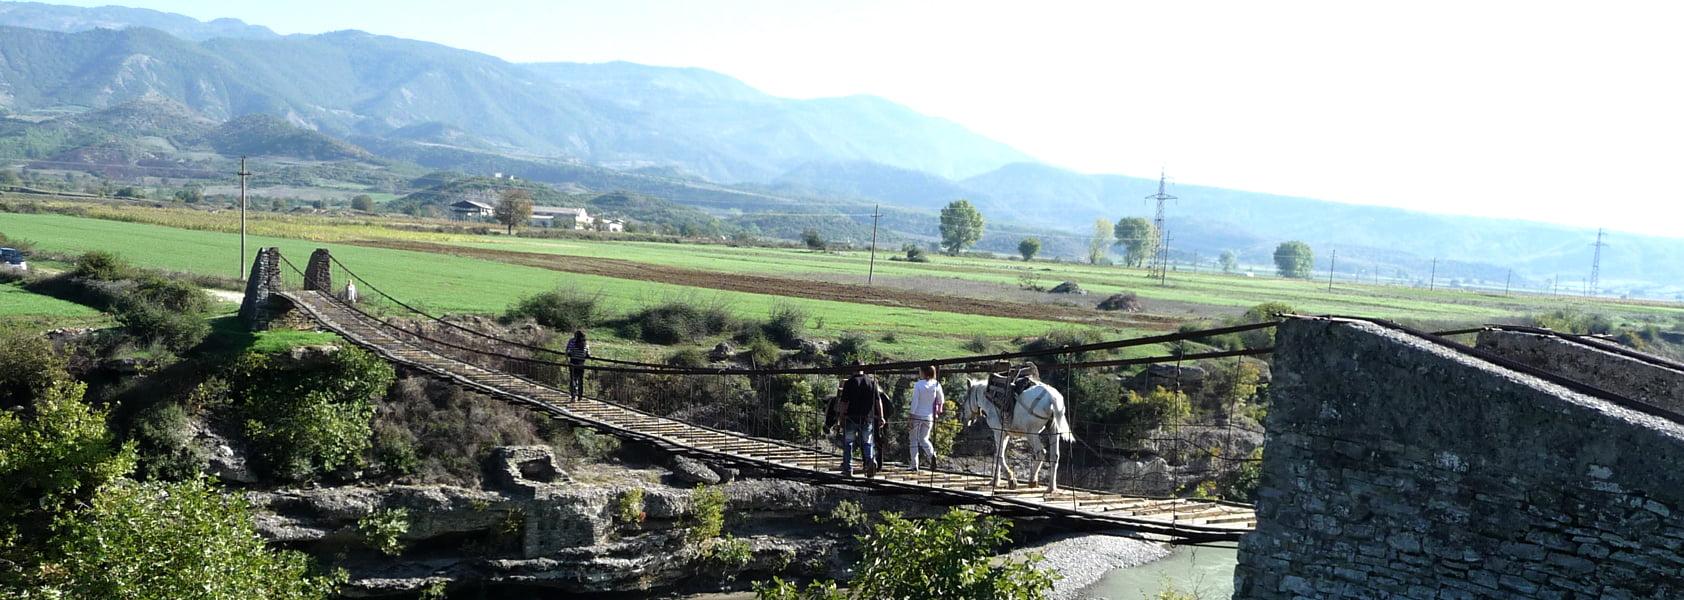 Albanië | Rondreis Albanië – 10 dagen